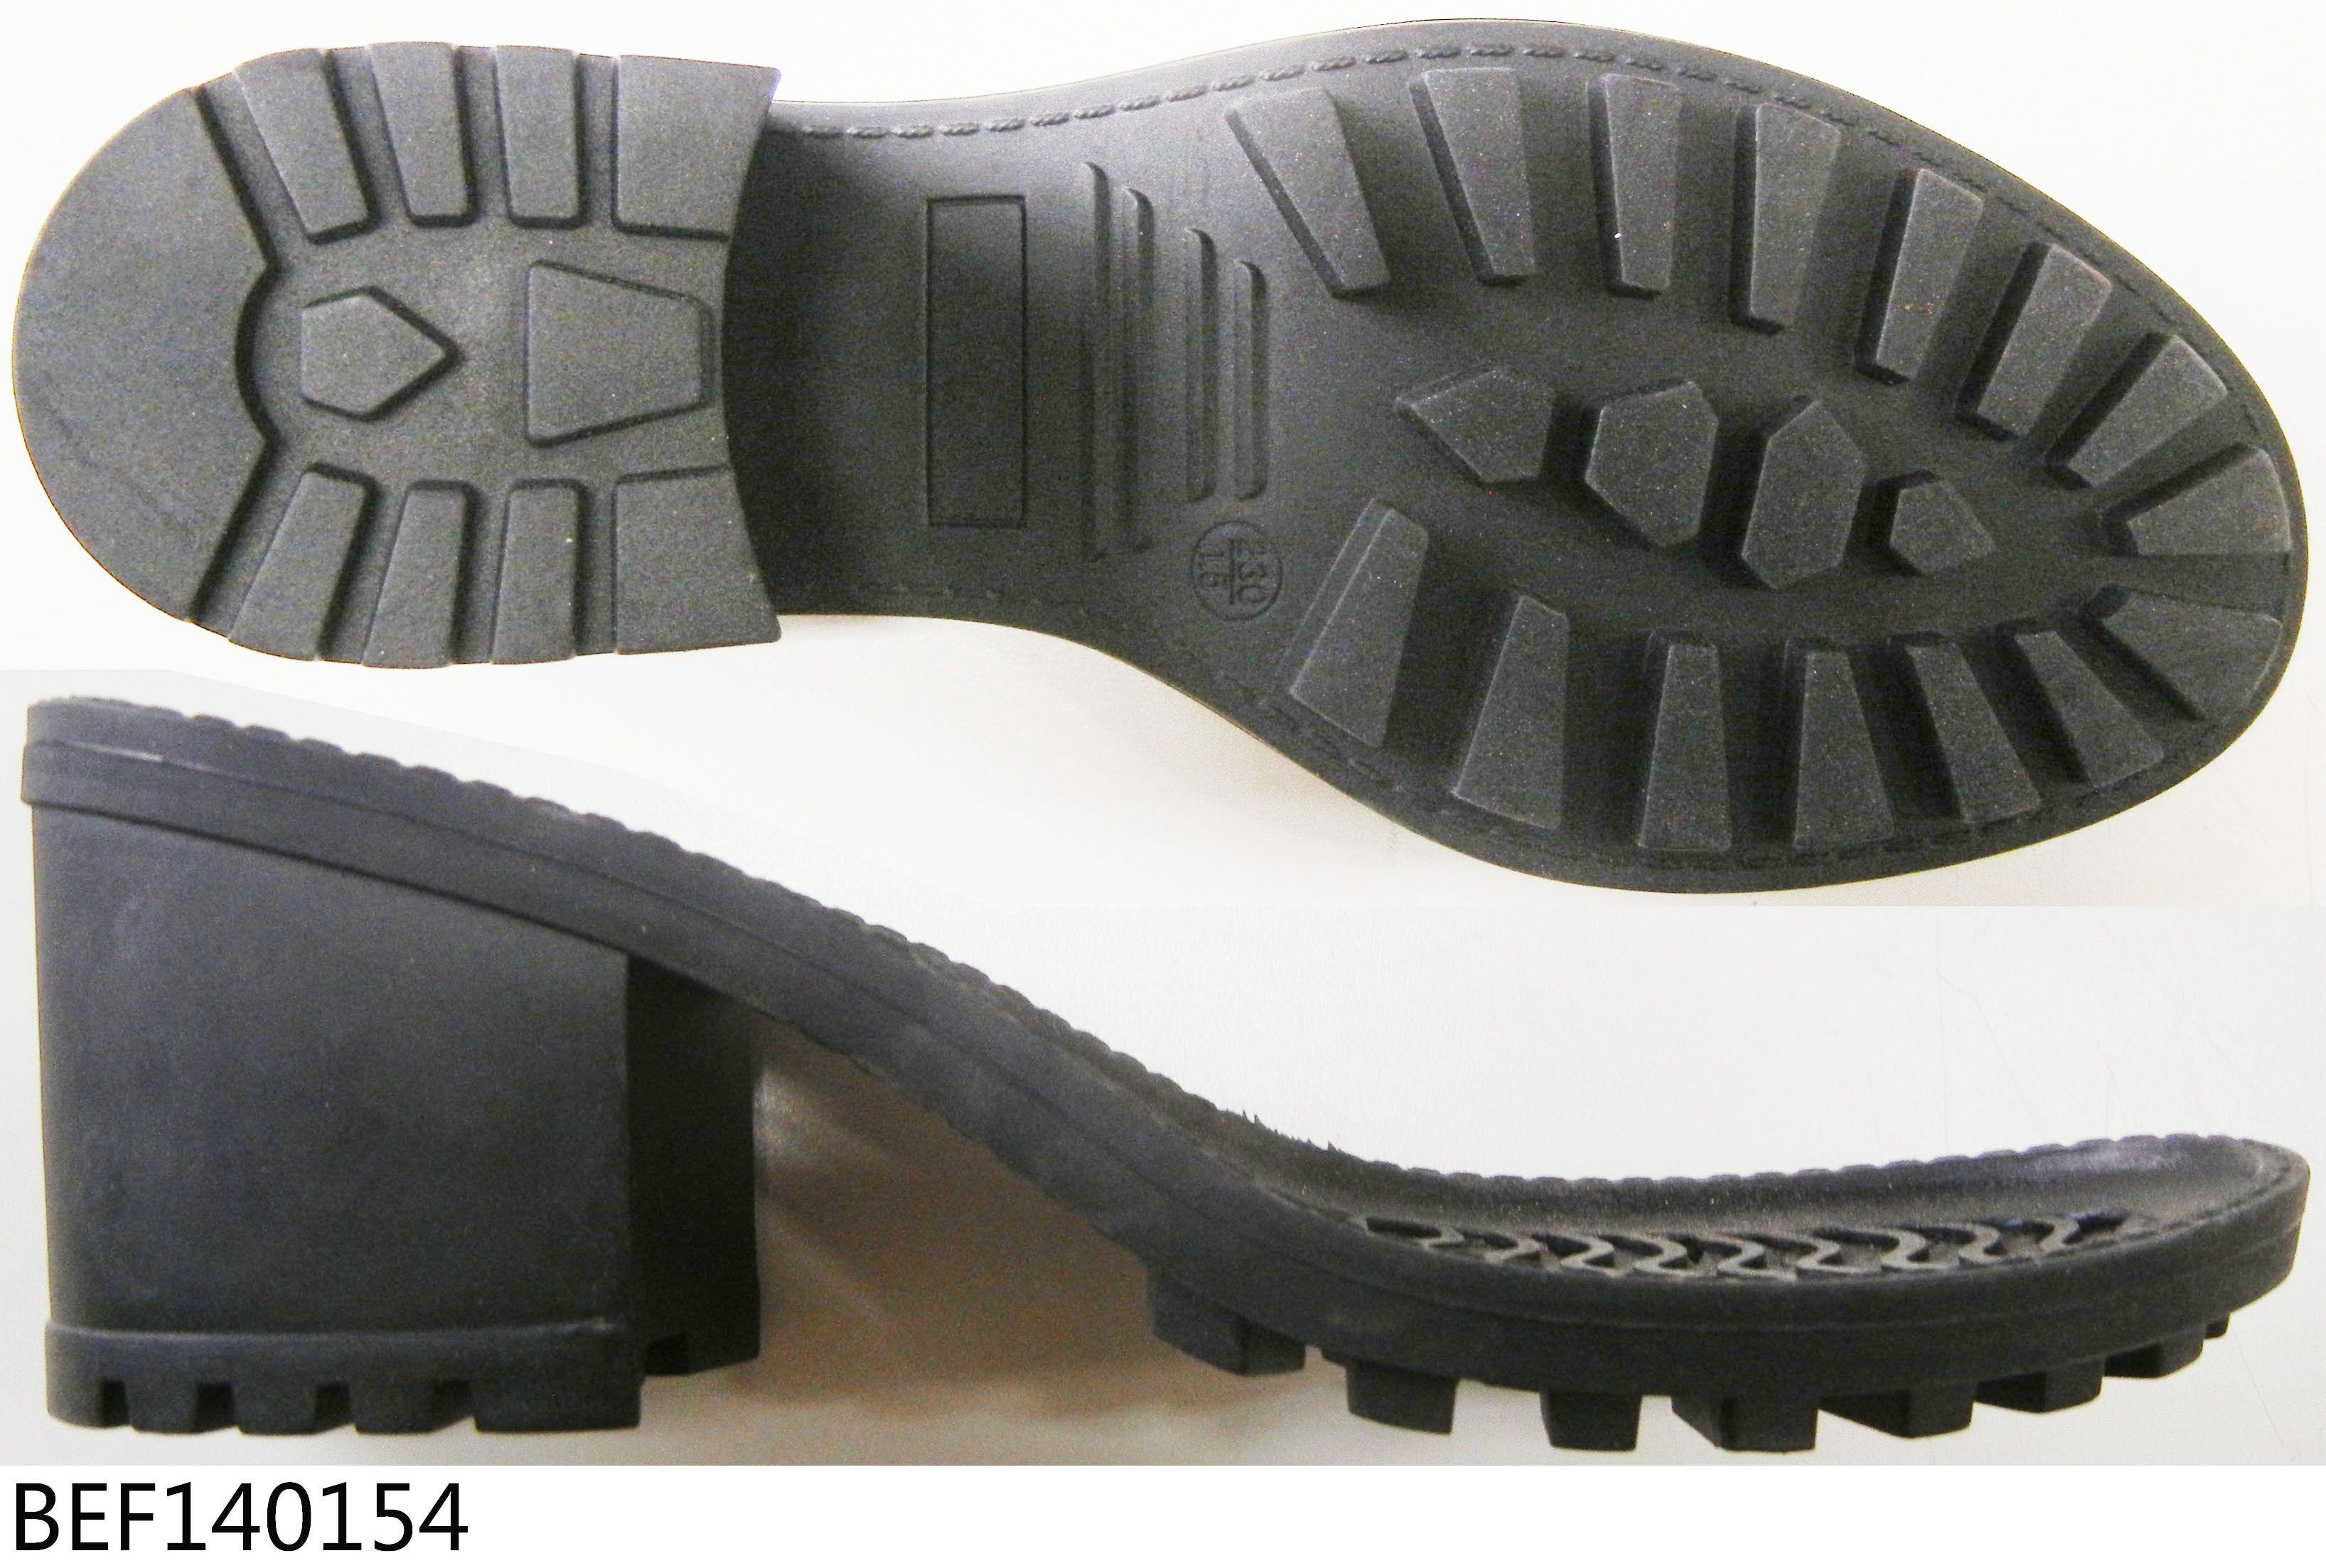 Wholesale Rubber Shoe Sole Sheet Black Colorful Shoes Rubber Shoes Shoes